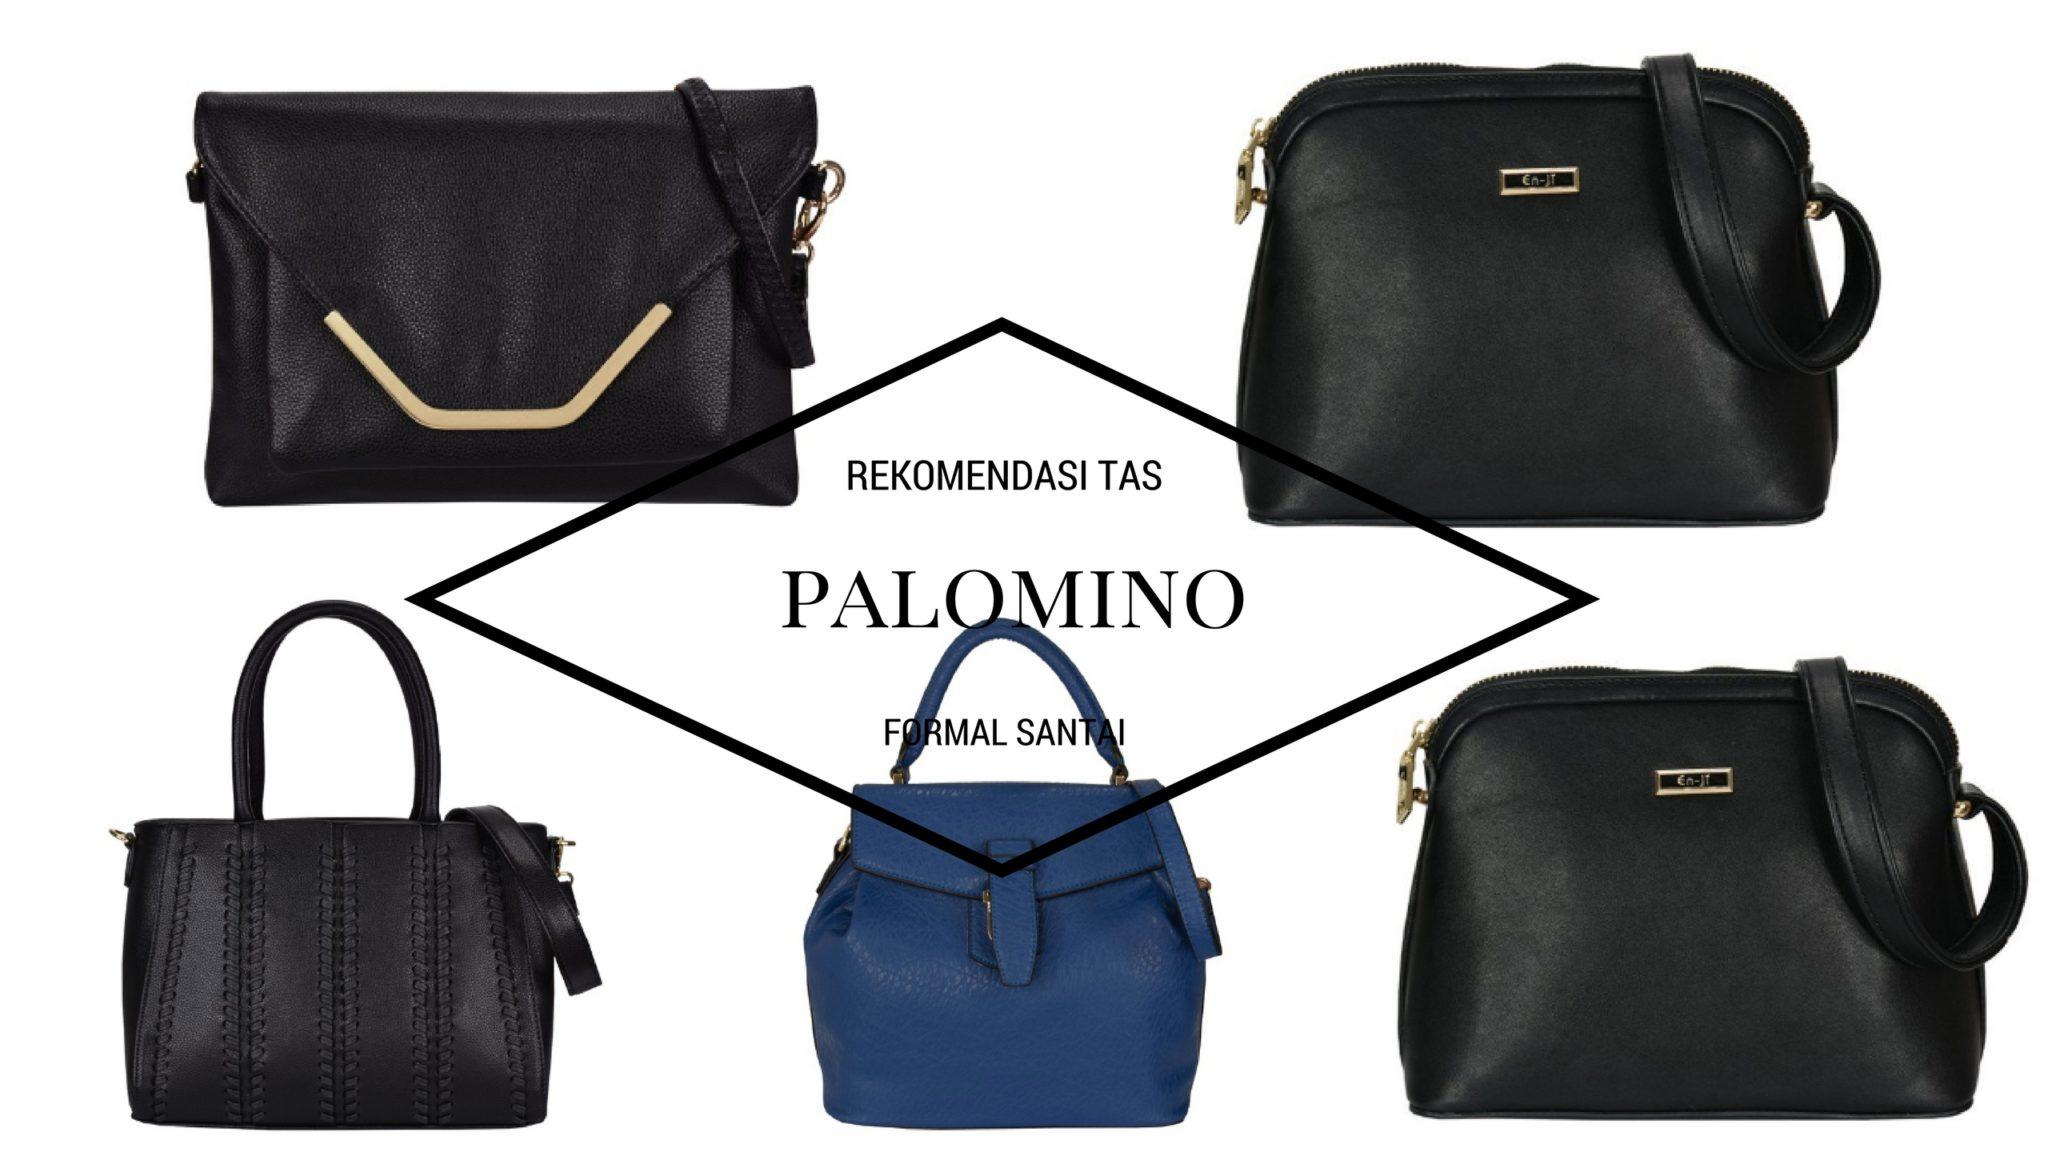 7 Tas Formal Santai Dari Palomino Bag 4e8aa8db97